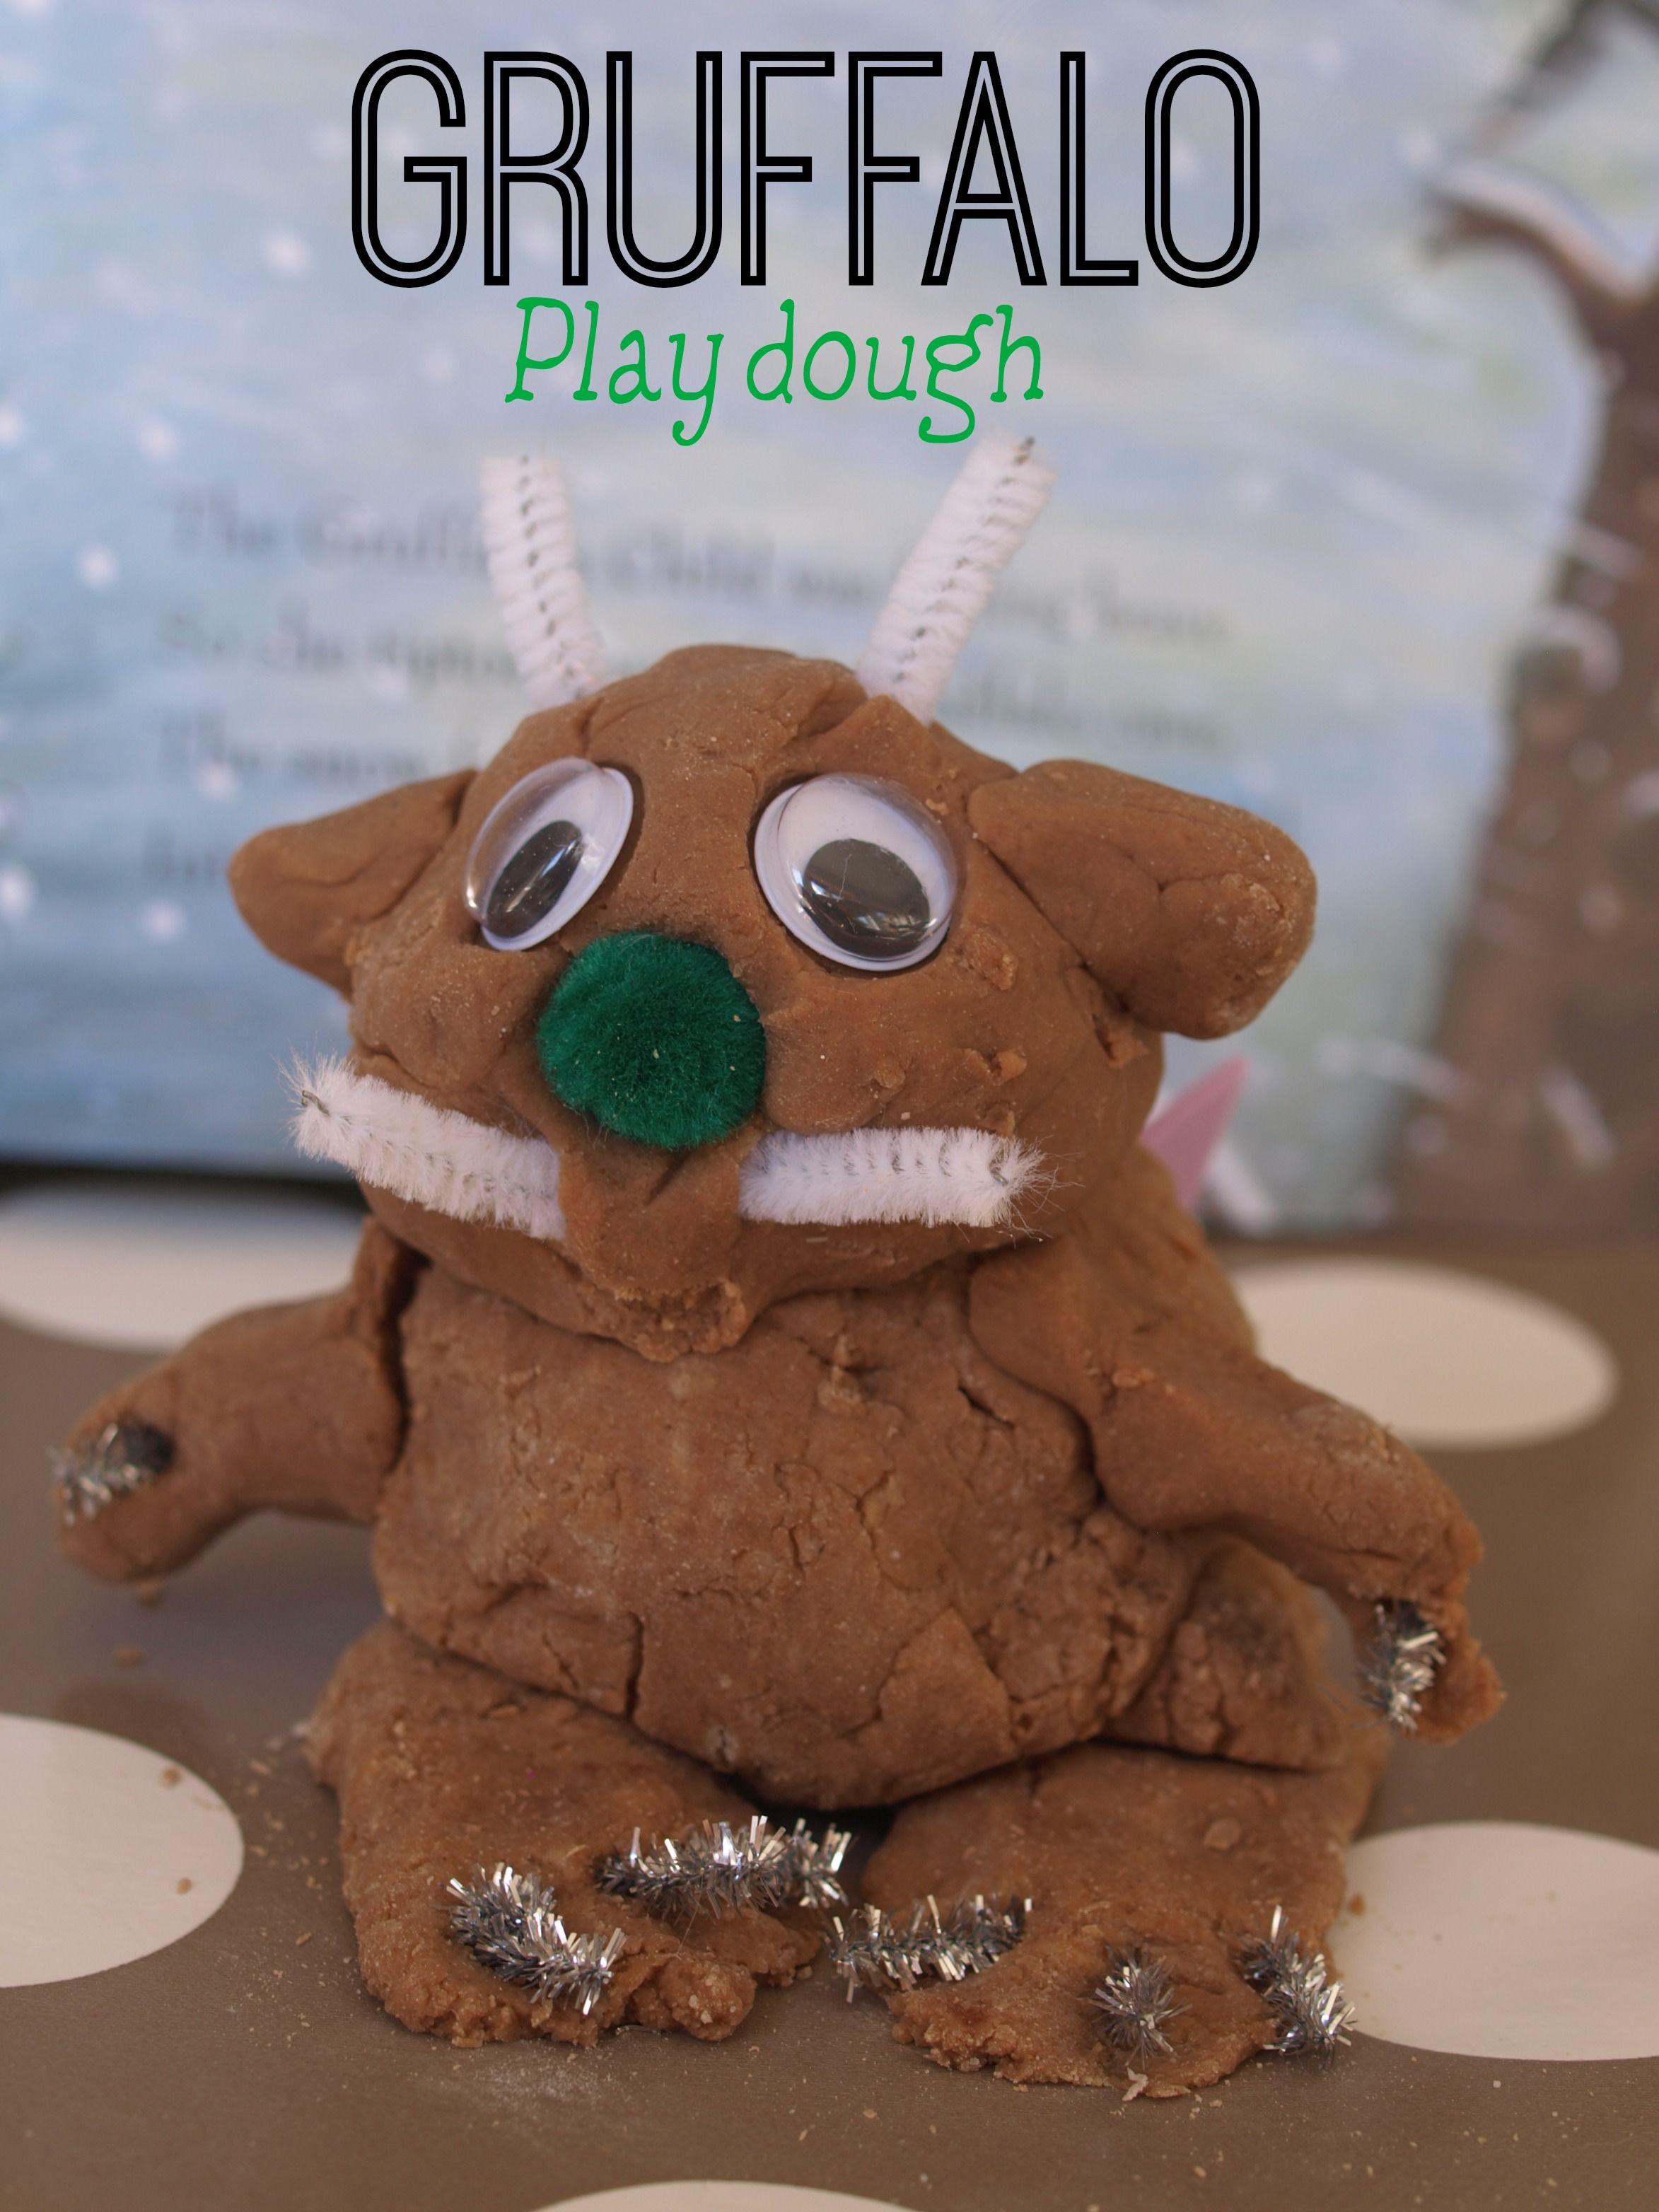 Gruffalo Play Dough